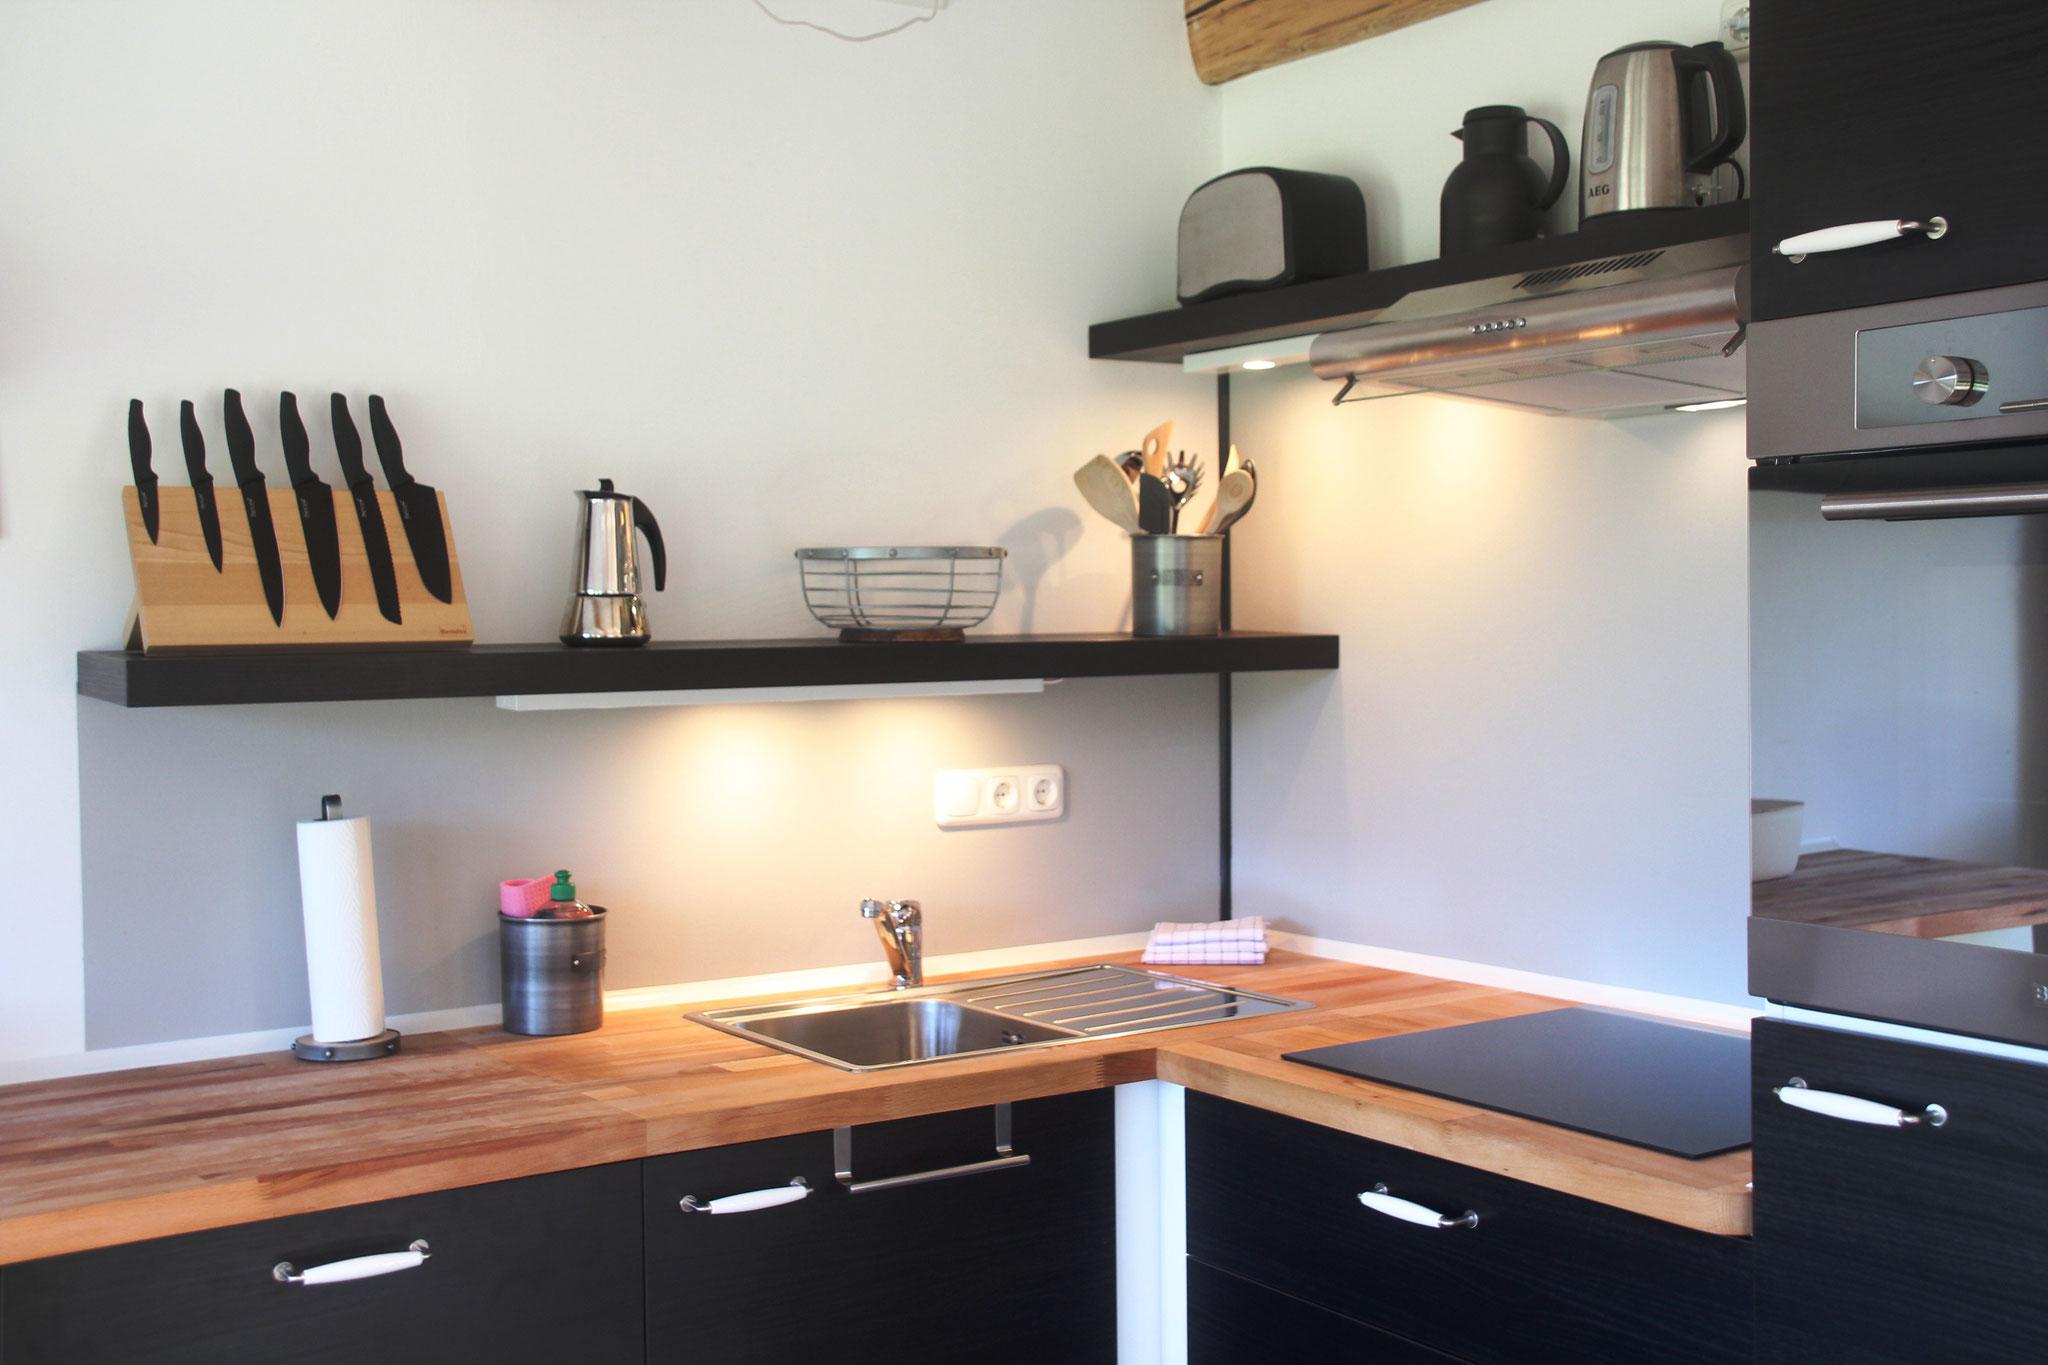 Küche mit Ceran-Kochfeld